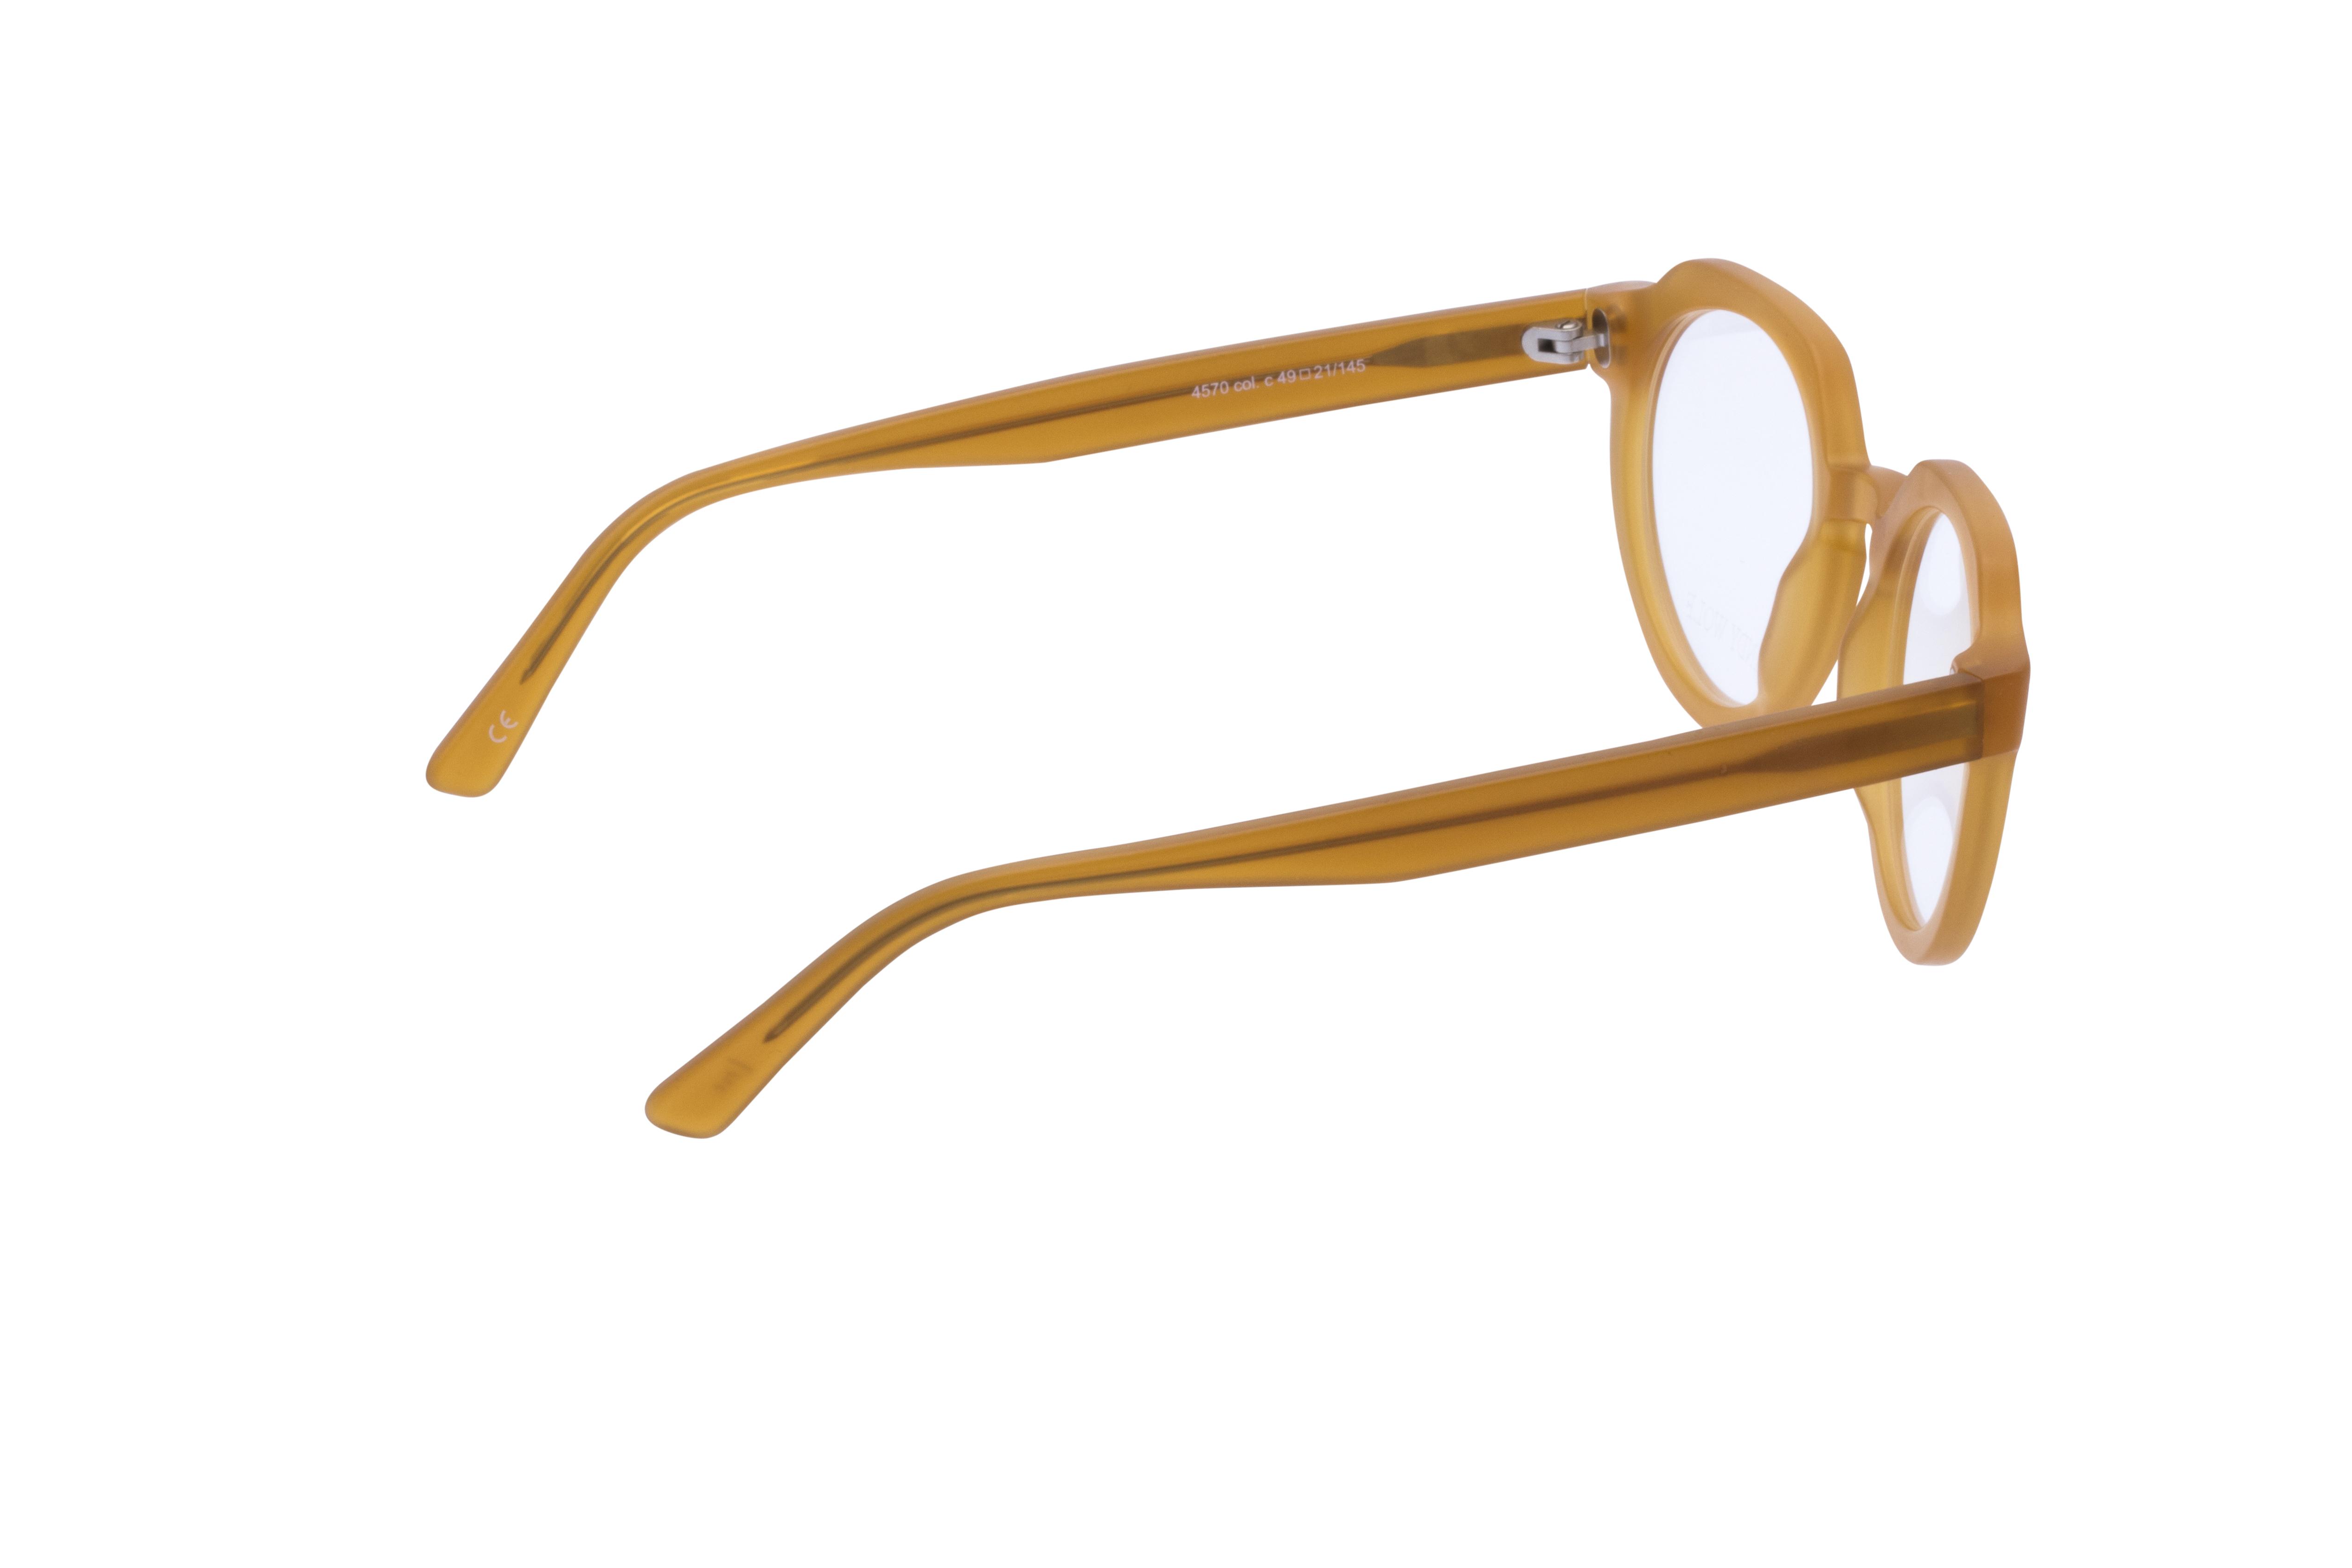 360 Grad Ansicht 7 Andy Wolf 4570, Brille auf Weiß - Fassung bei KUNK